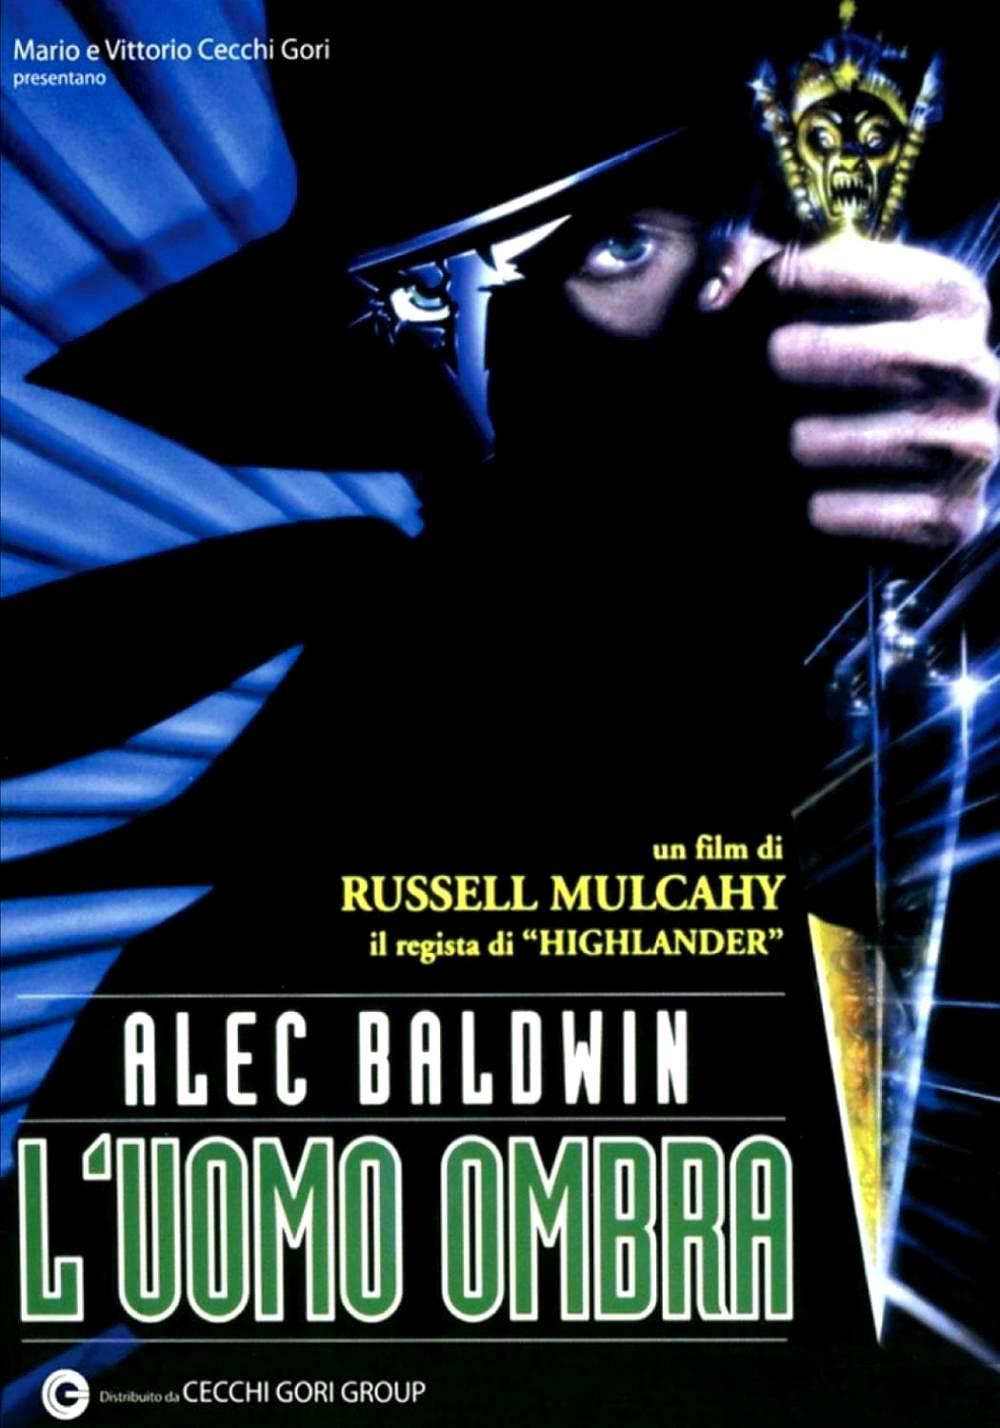 L'uomo ombra [HD] (1994)